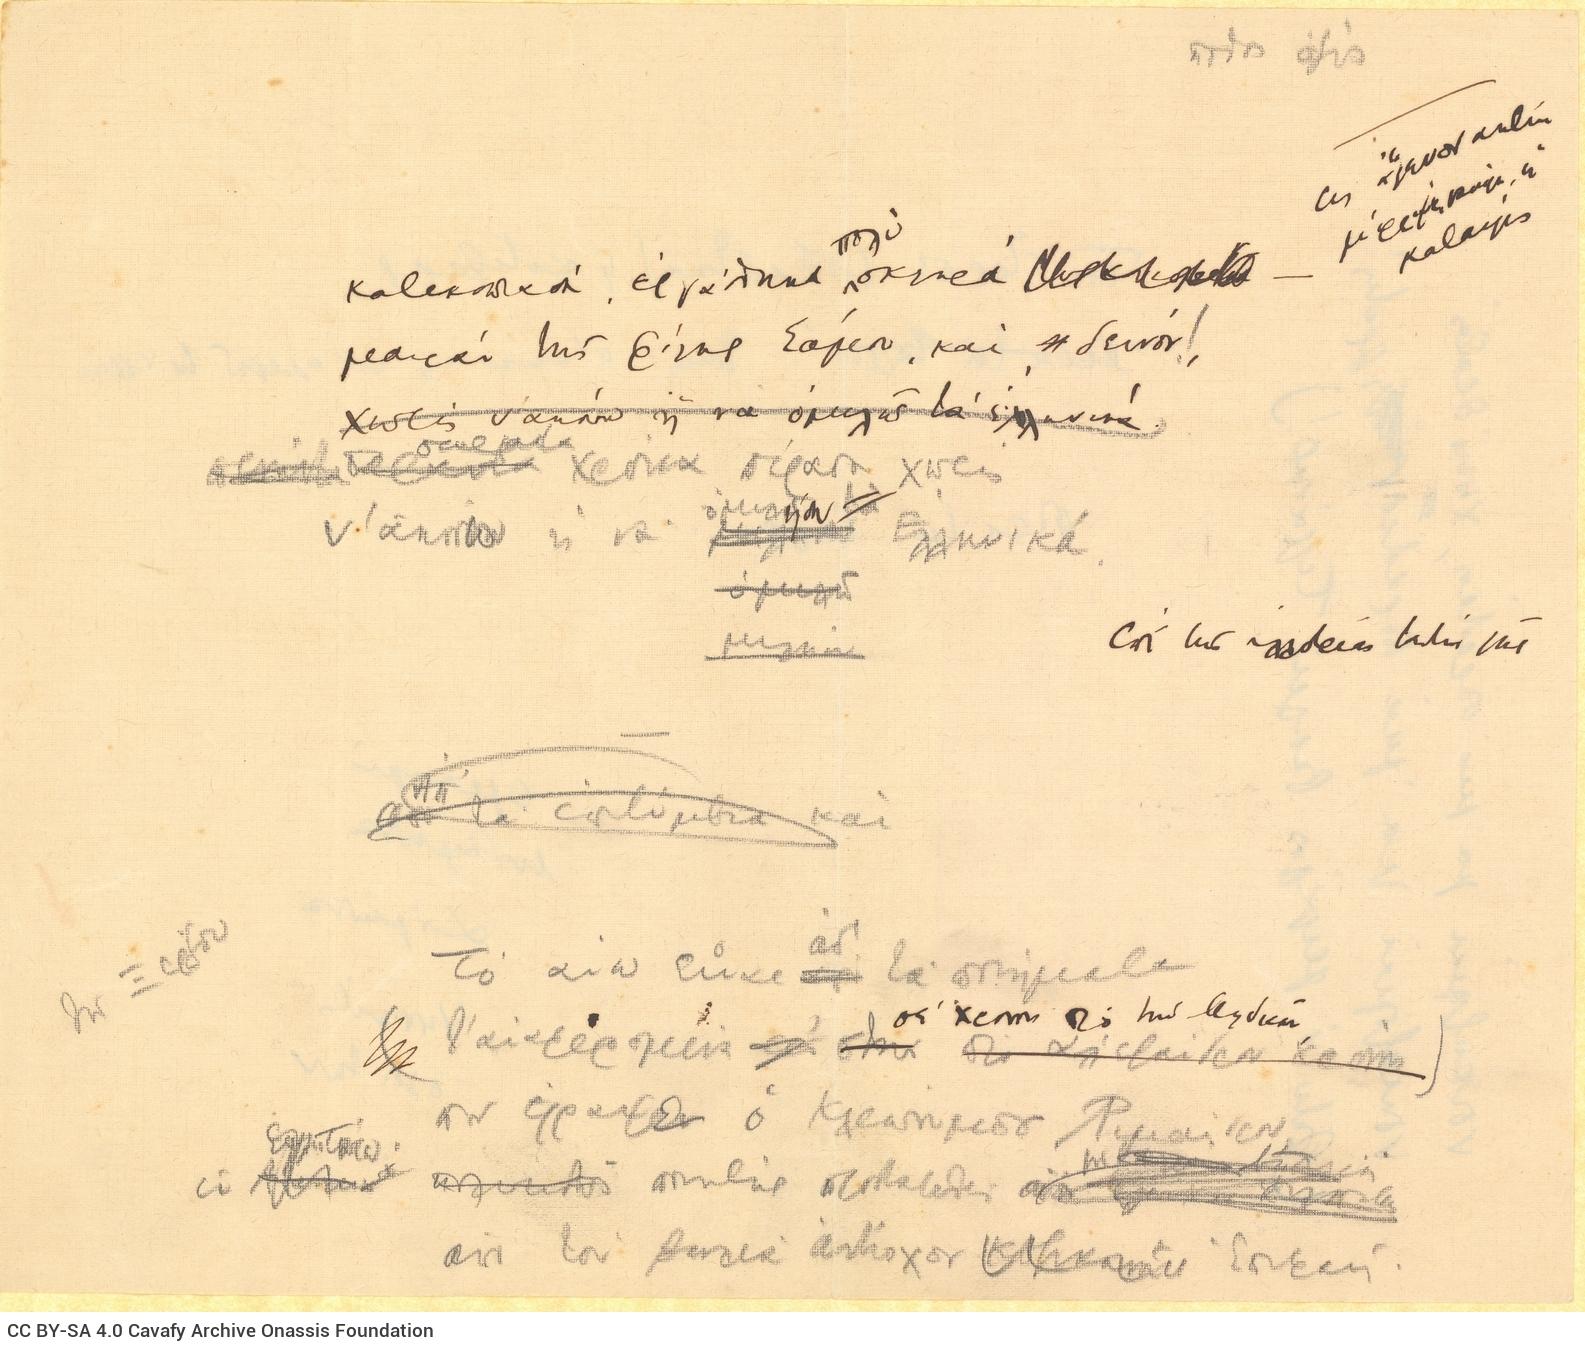 Χειρόγραφα σχεδιάσματα ποιημάτων στις δύο όψεις διαγραμμισμένου φύ